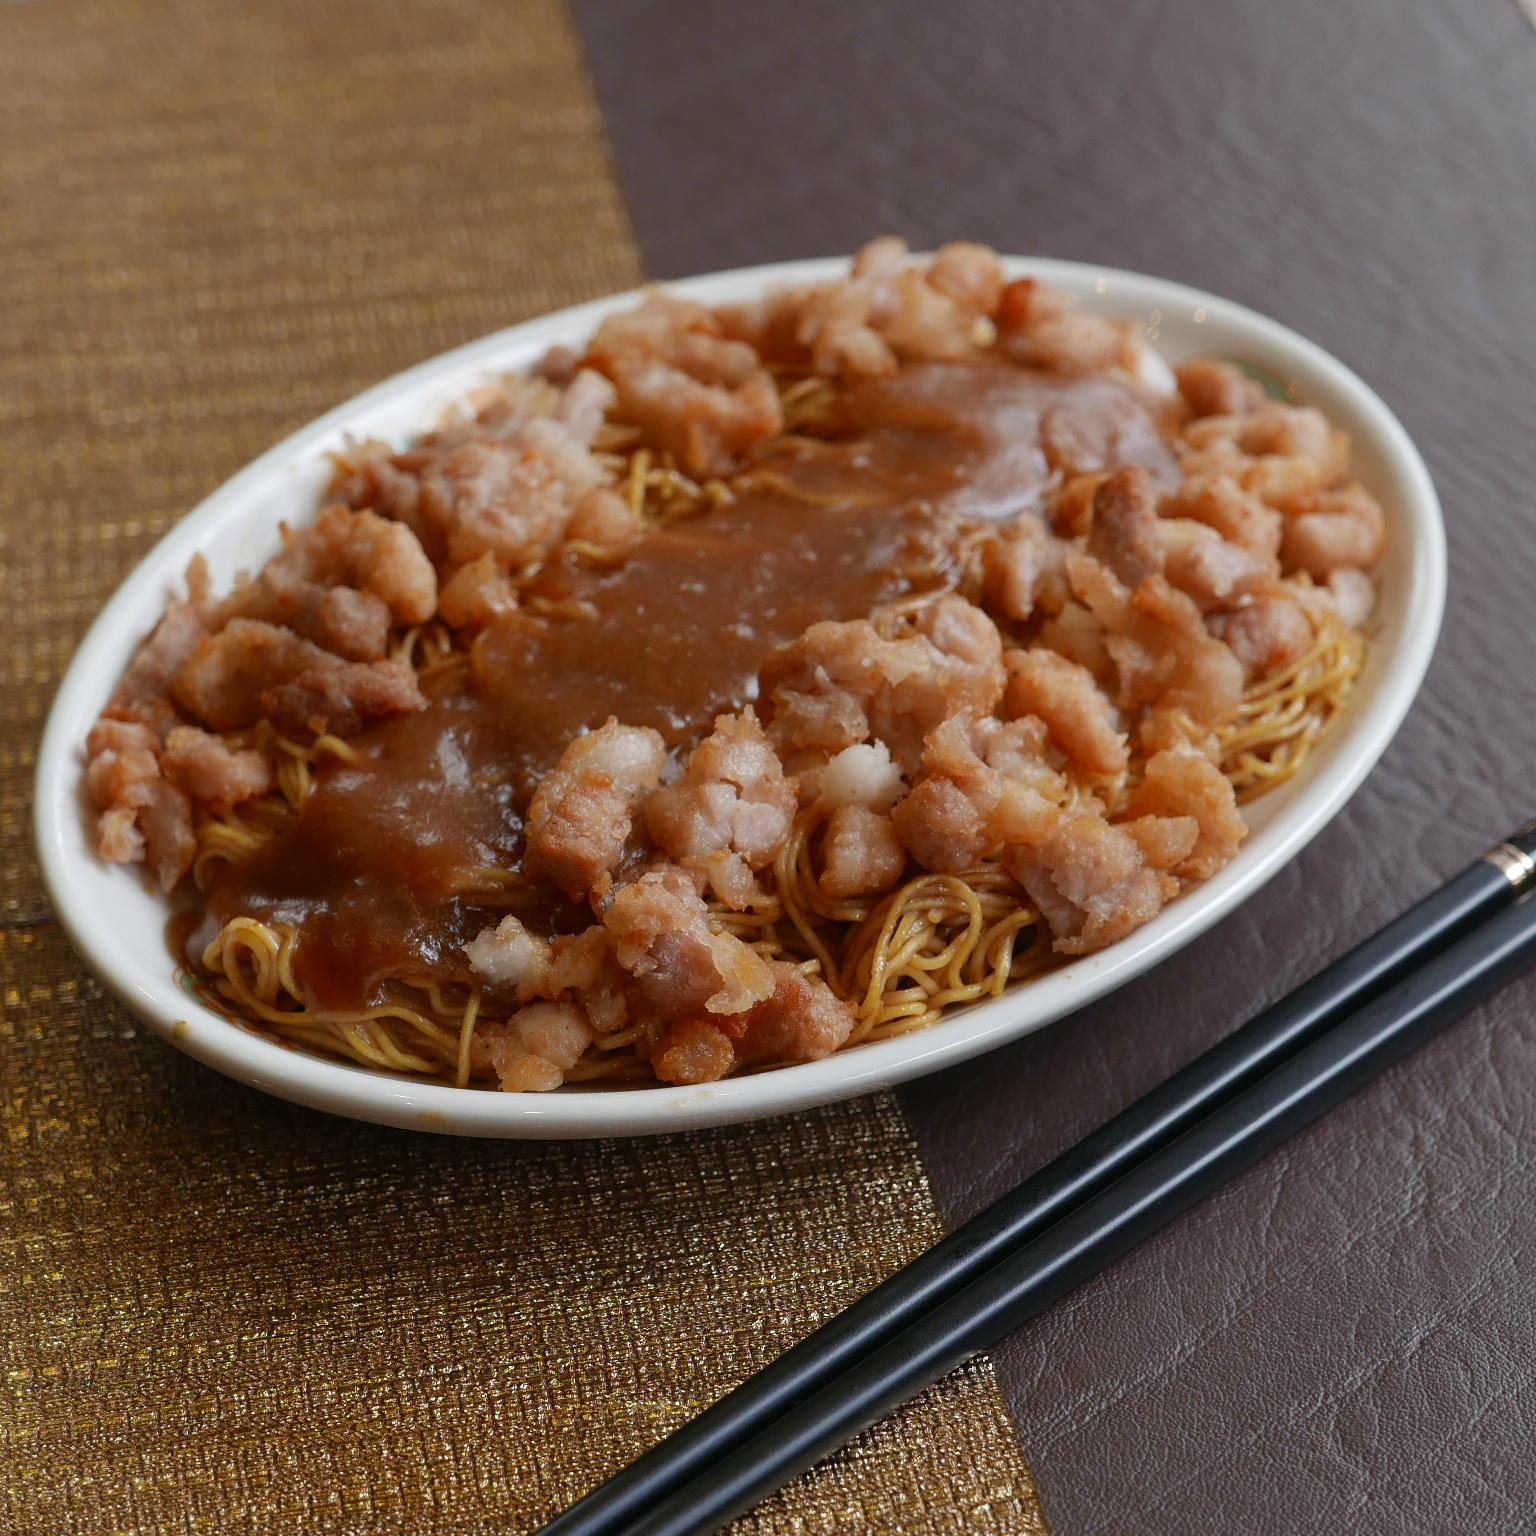 Dry Pork Dan Dan Mien